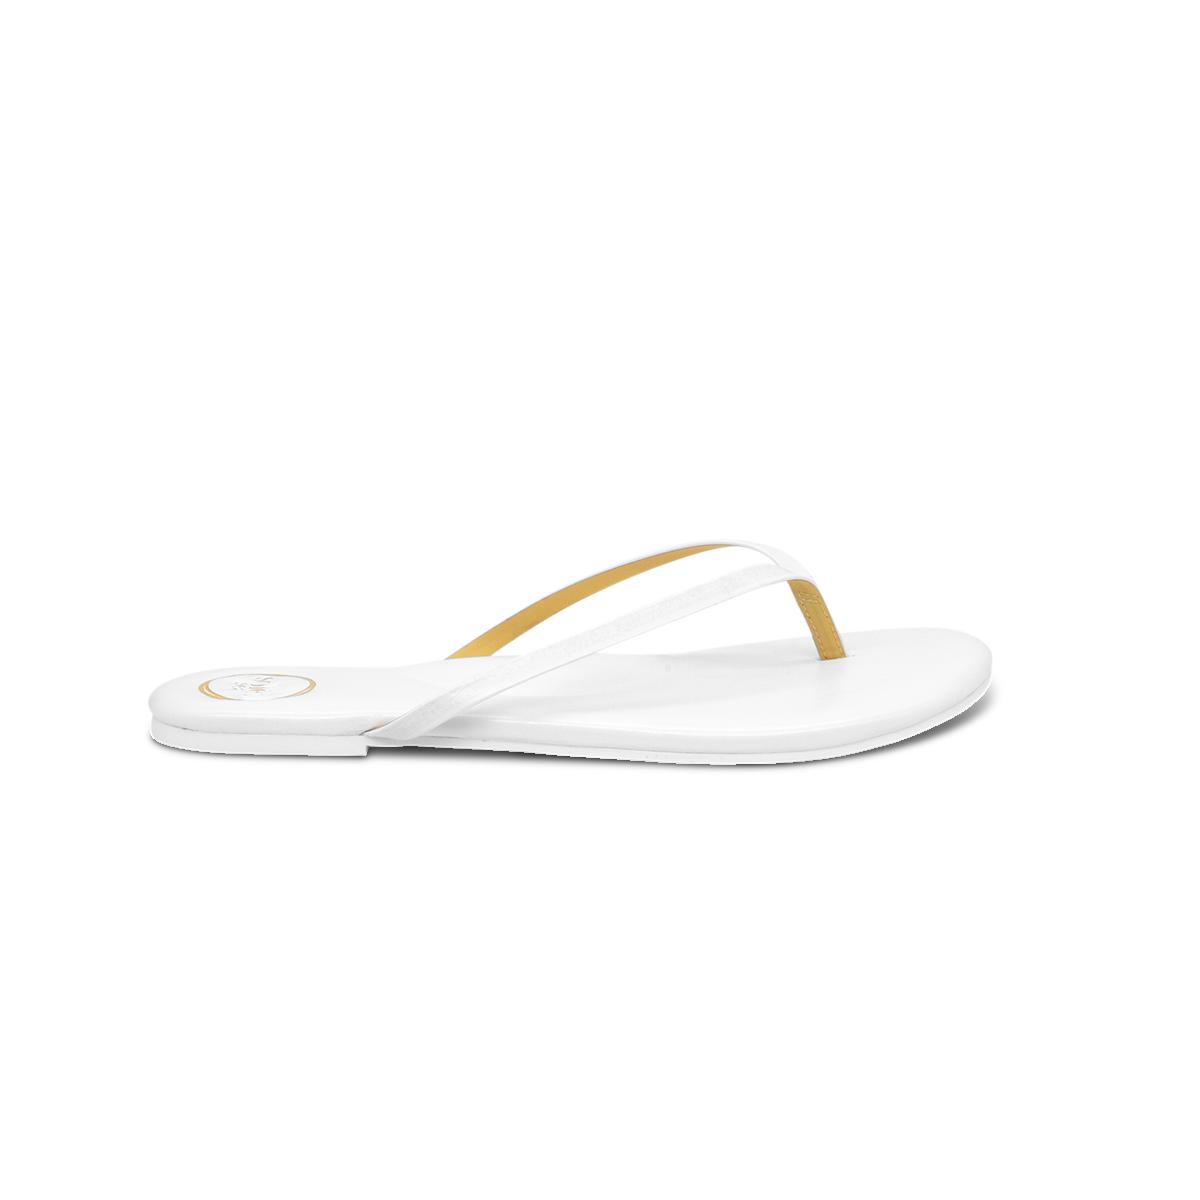 Solei Sea White Yellow Flip Flop